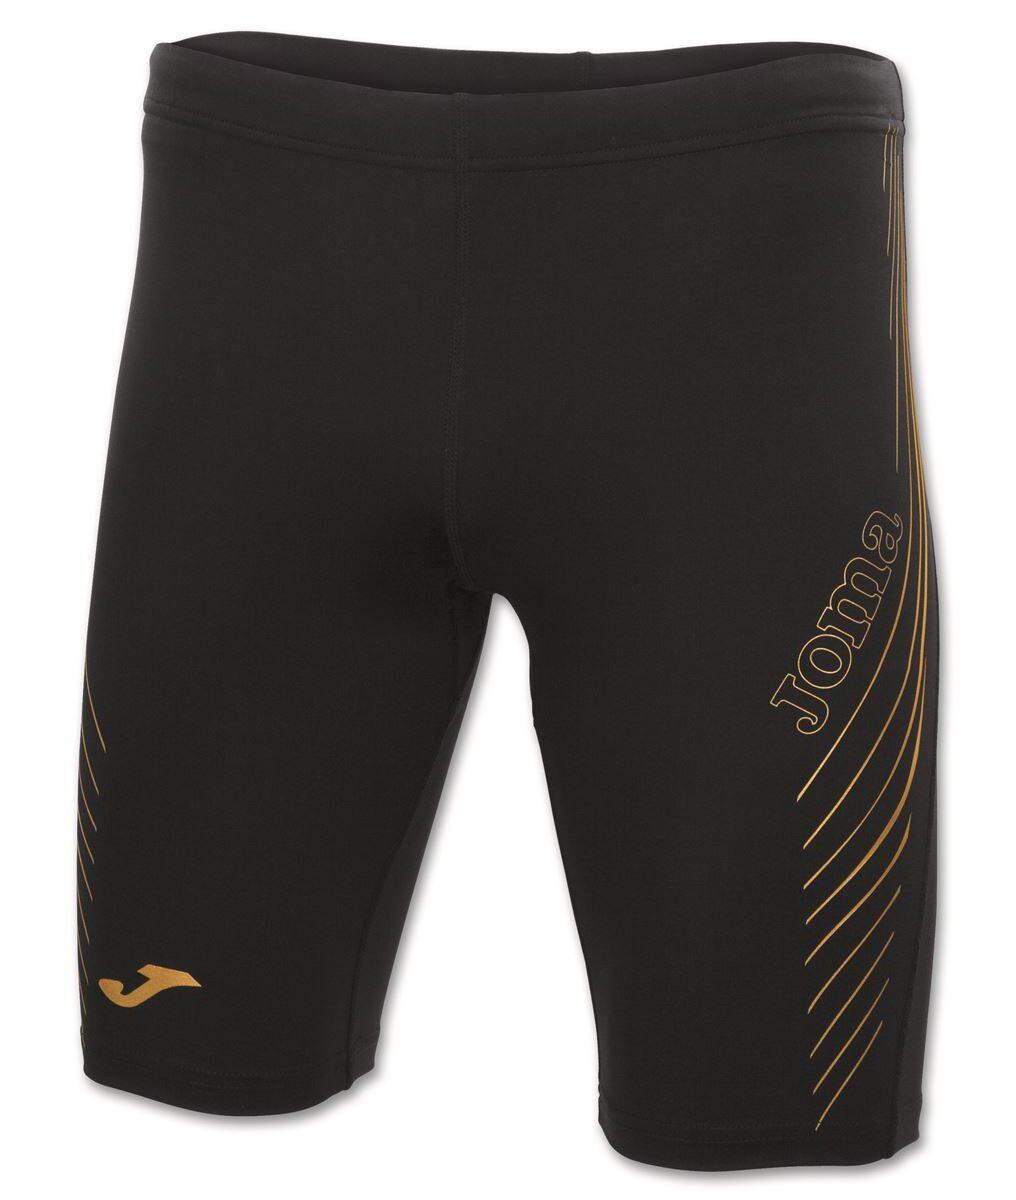 Joma Elite IV Shorts Running Tight 100035